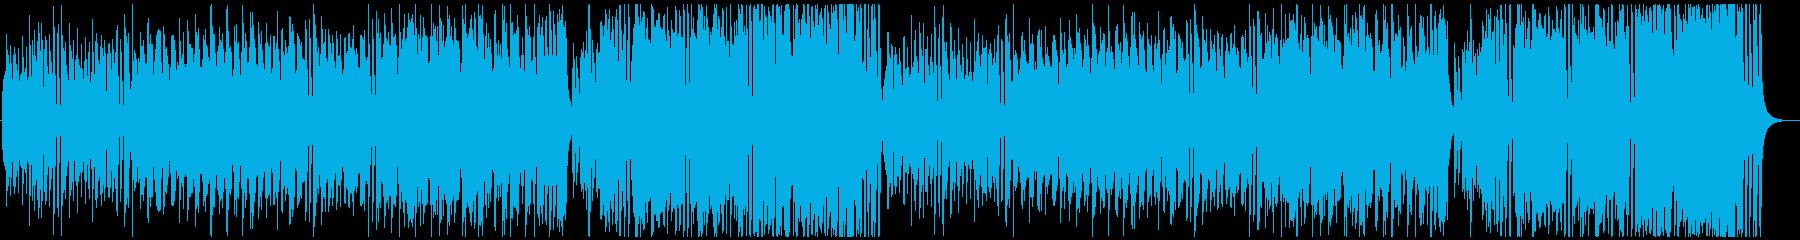 楽しいトラッド日常曲の再生済みの波形